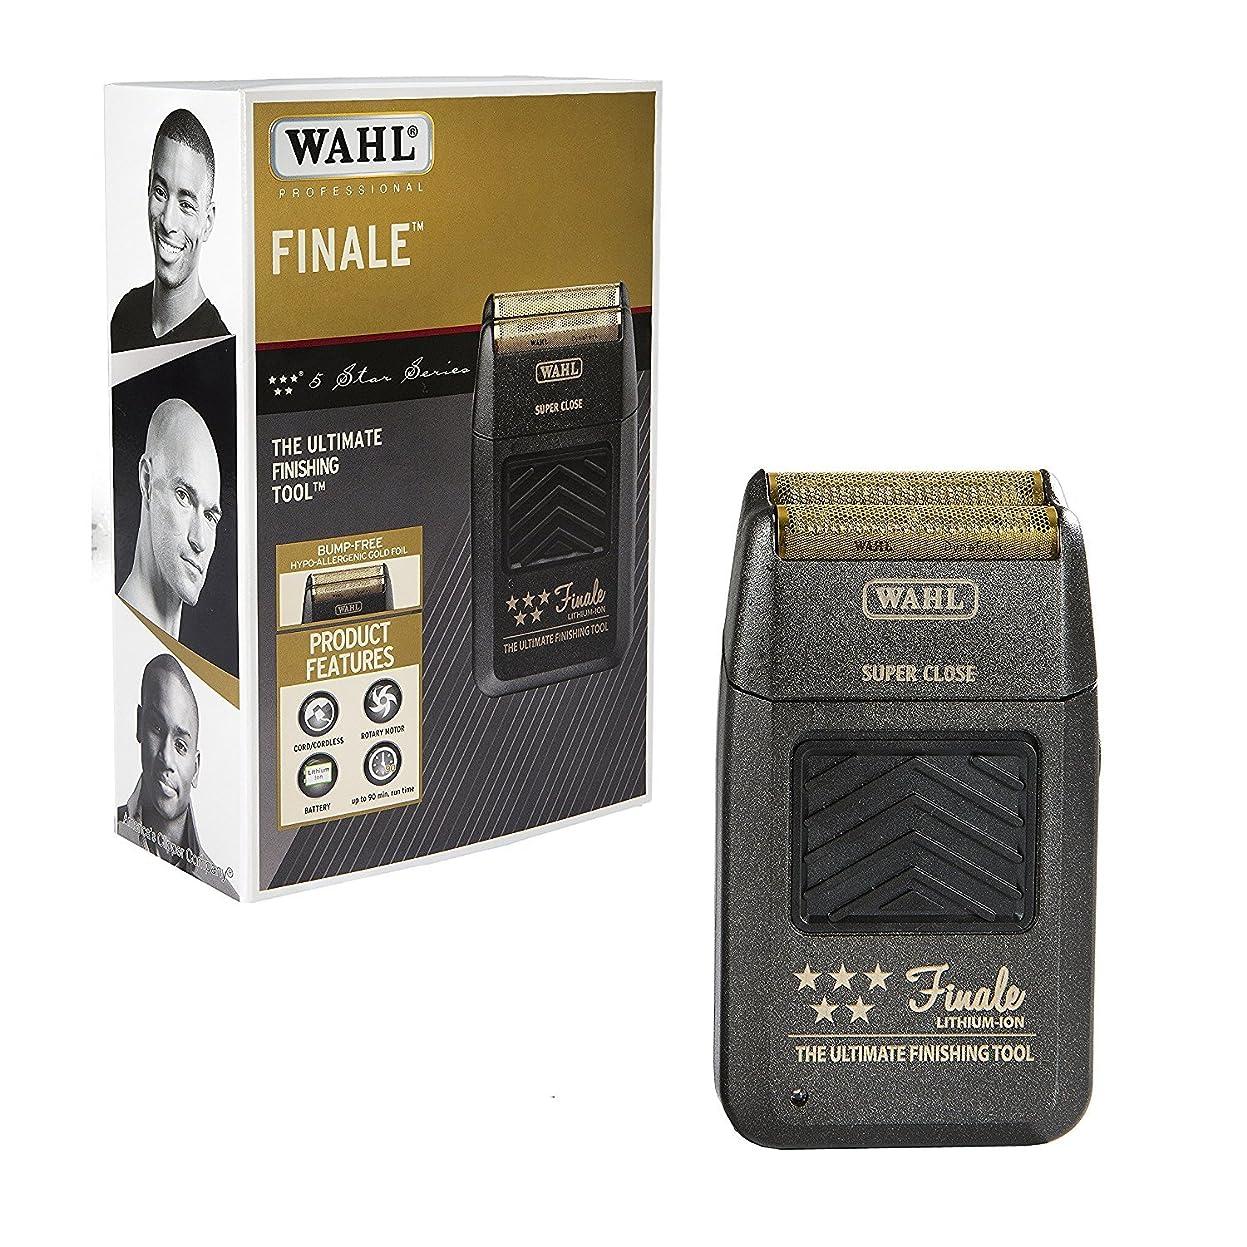 鉱石歯車側面Wahl Professional 5 Star Series Finale Finishing Tool #8164 - Great for Professional Stylists and Barbers - Super Close - Black (並行輸入品)